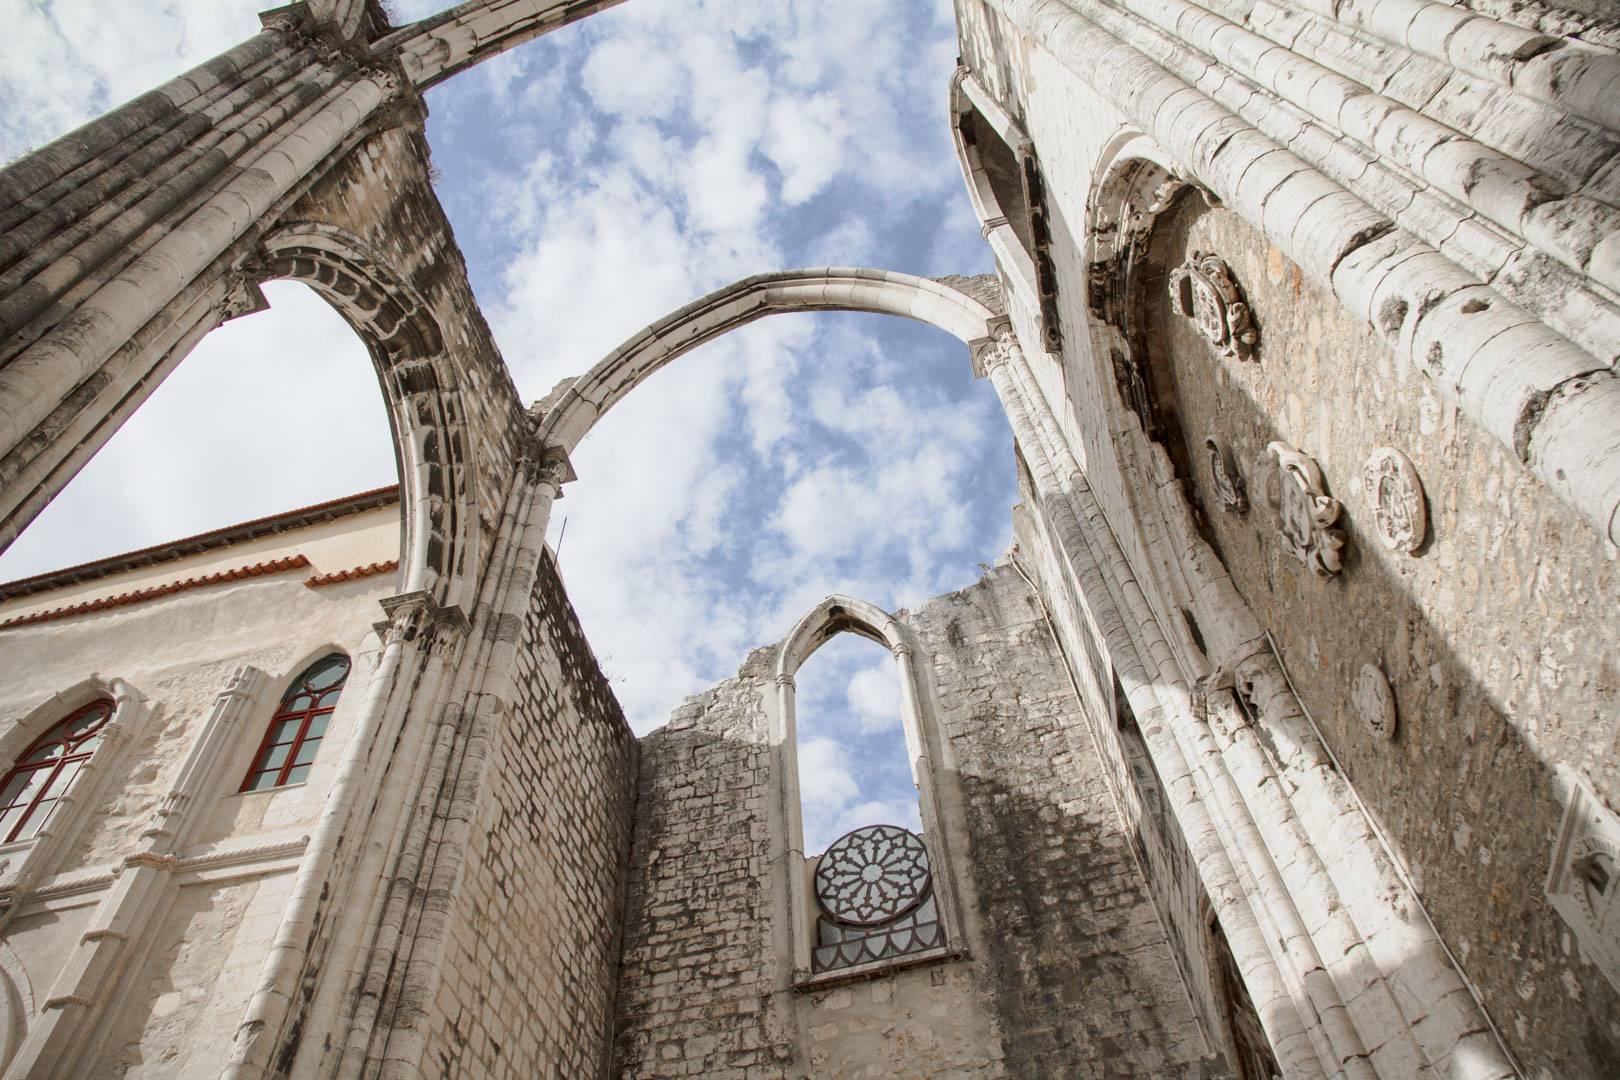 Photo 2: Le couvent des carmes - Lisbonne